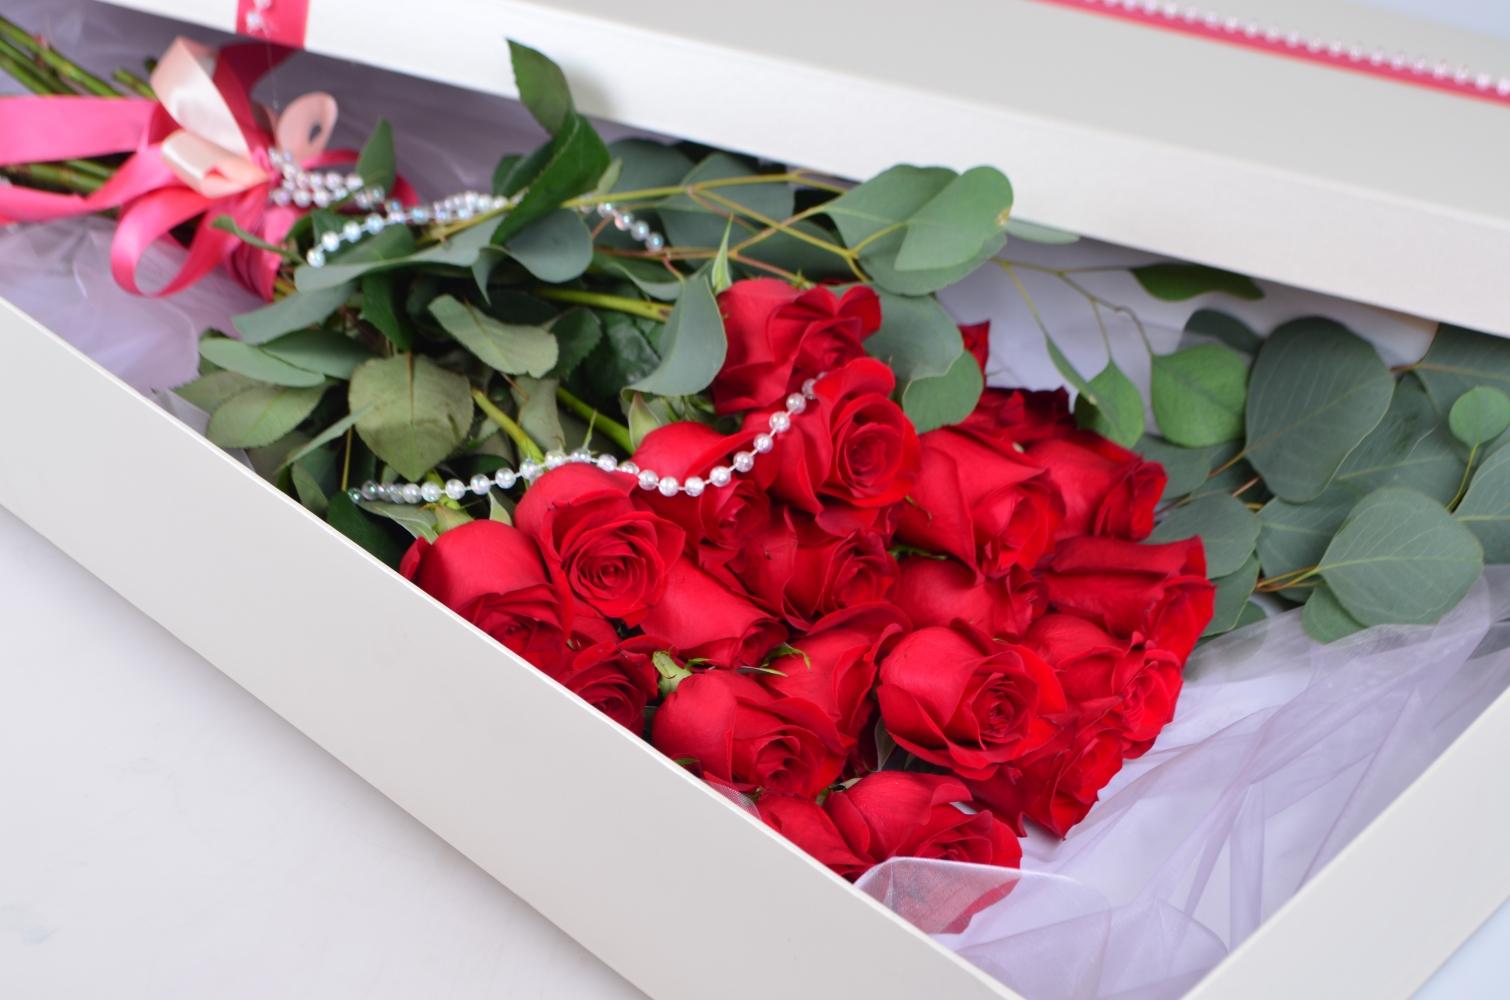 Какие цветы дарят на день влюбленных, фруктов хабаровск